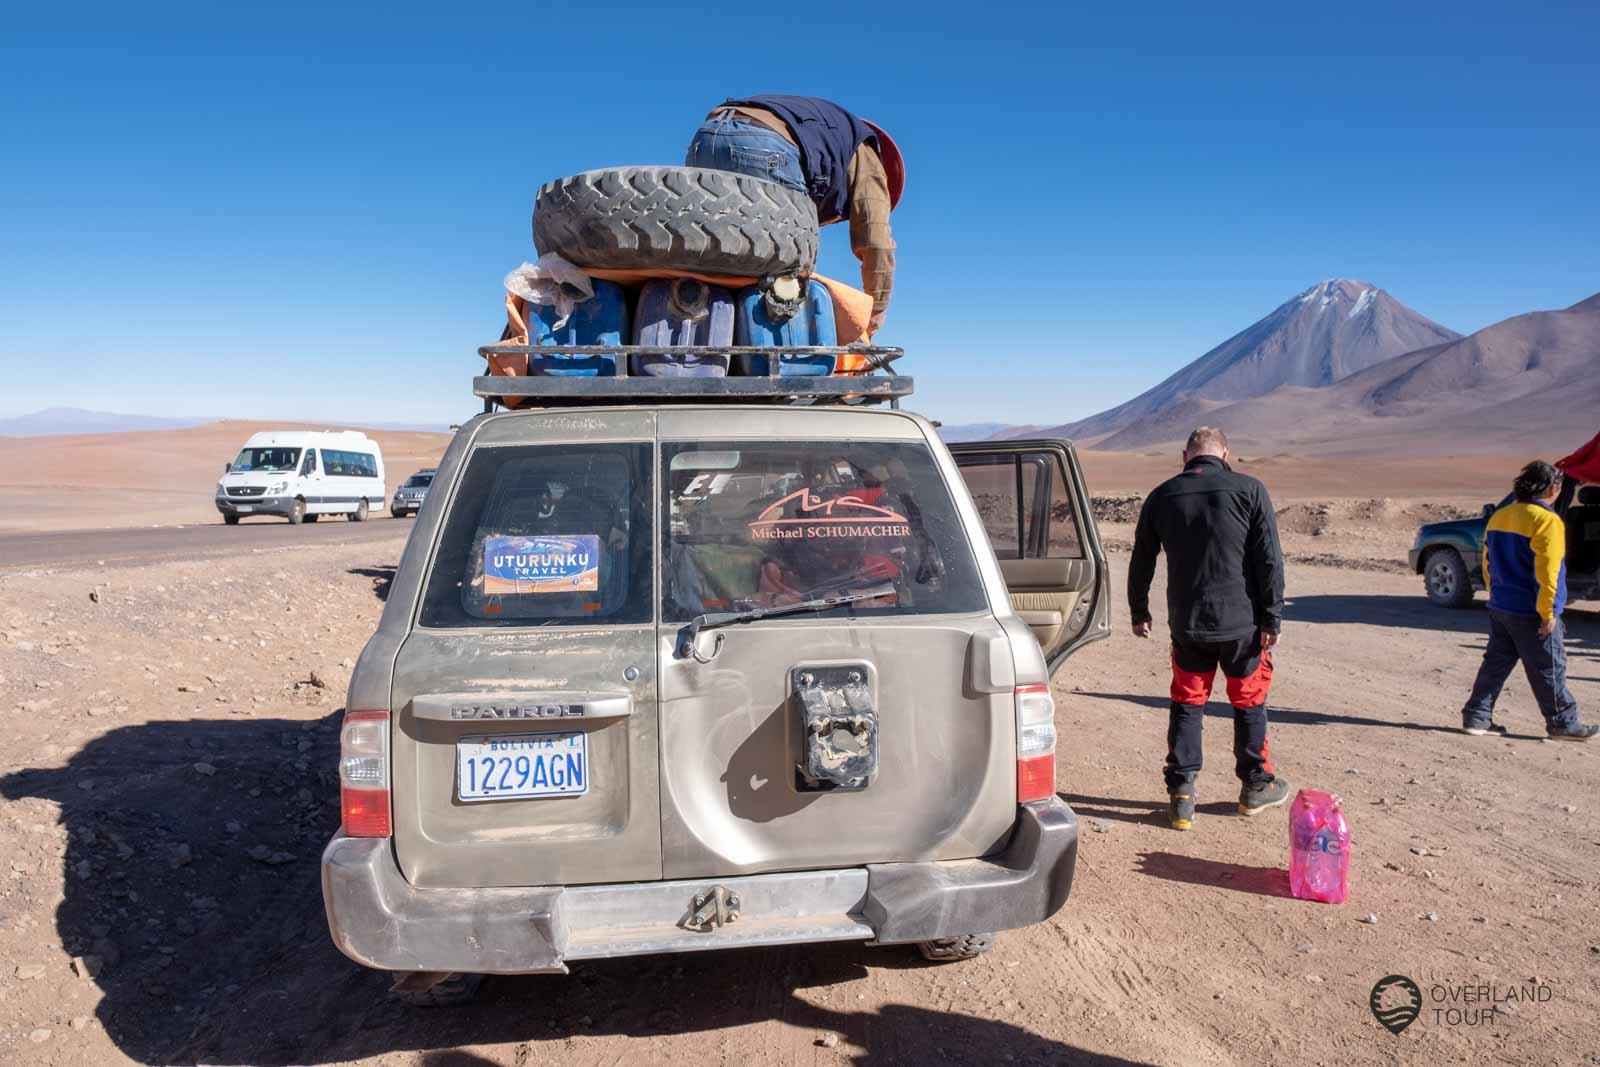 Die Rucksäcke werden auf das Dach des Jeep geschnallt und gut gegen den Staub und Dreck verpackt